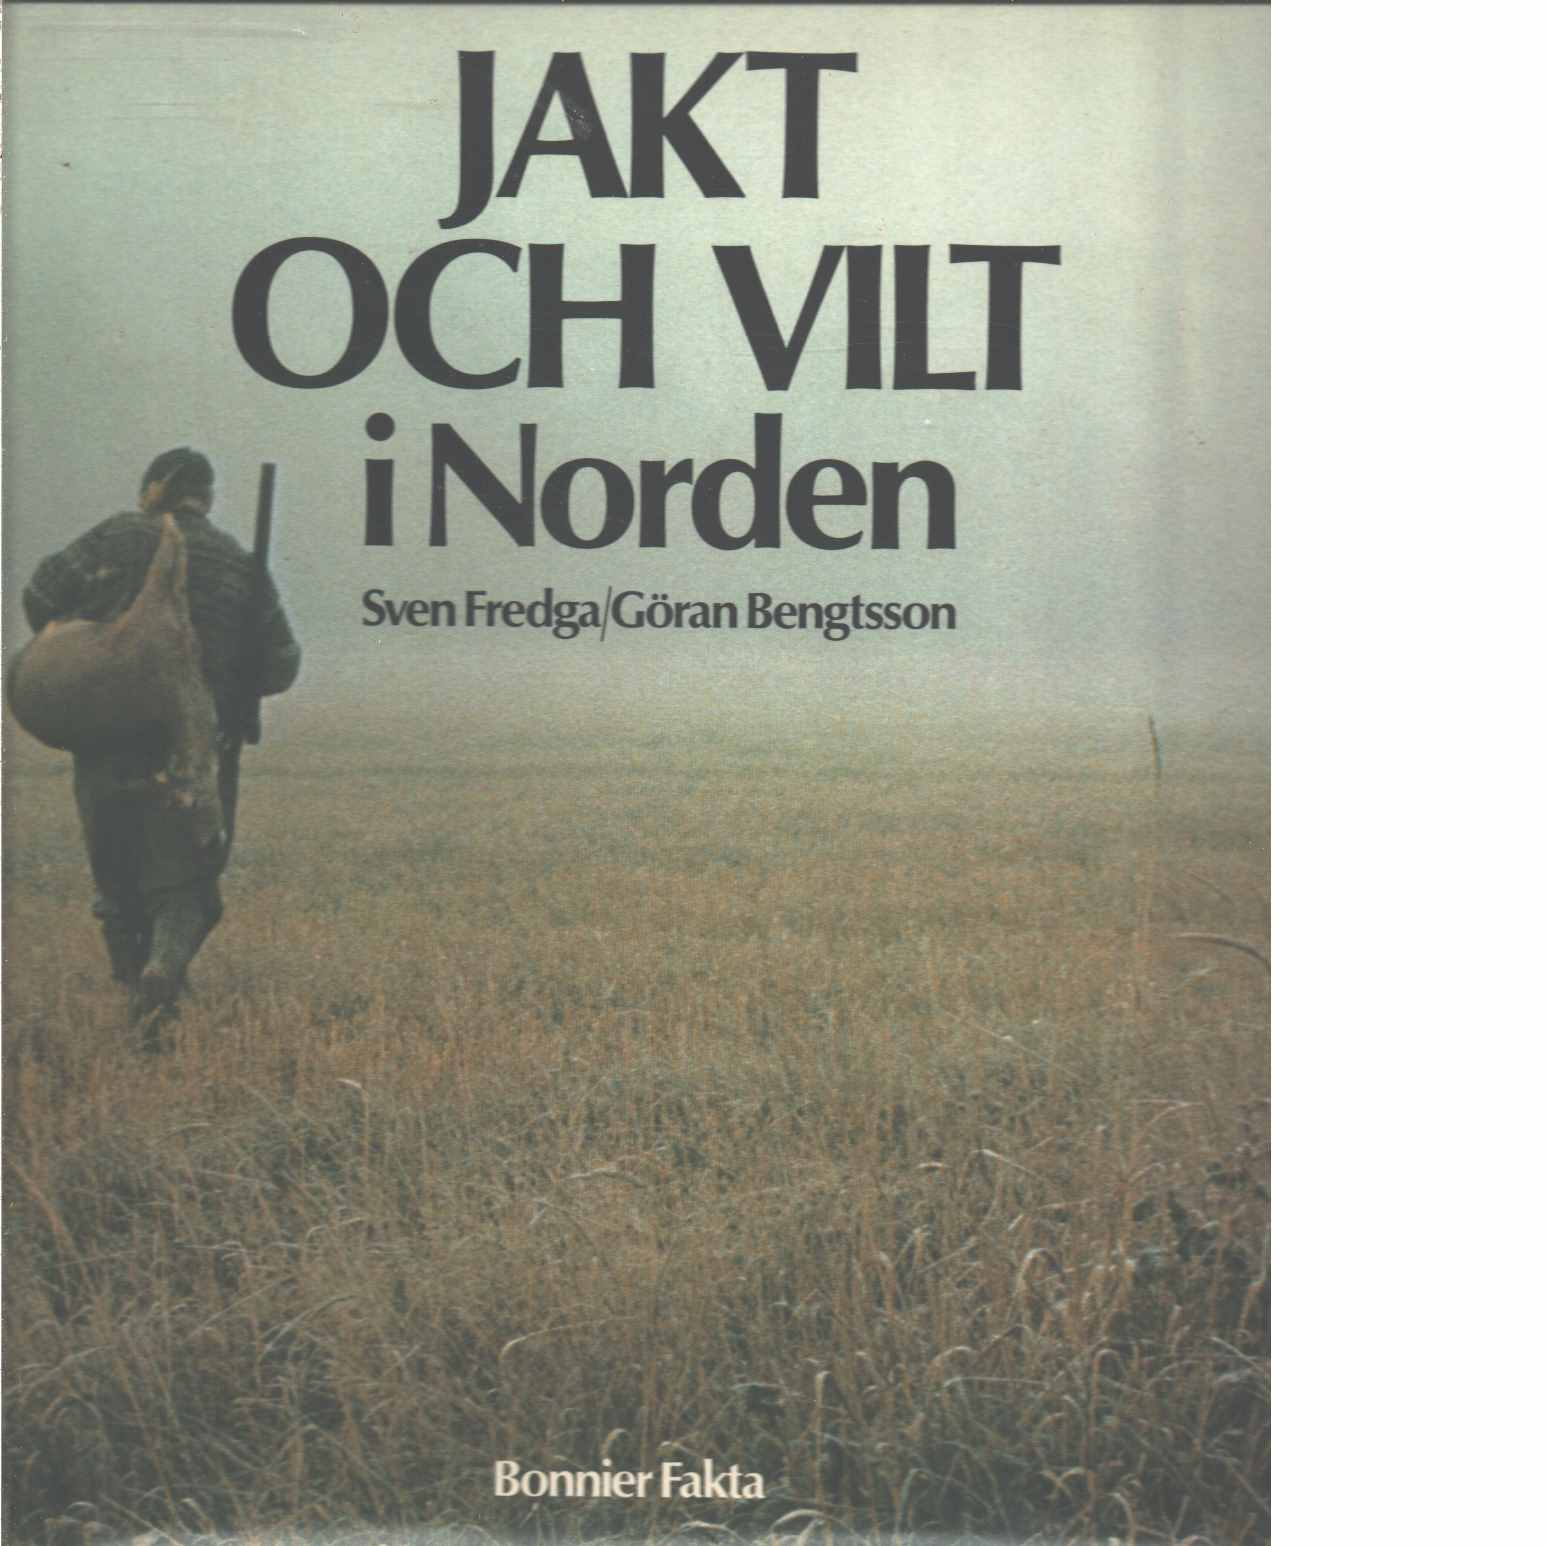 Jakt och vilt i Norden  - Fredga, Sven